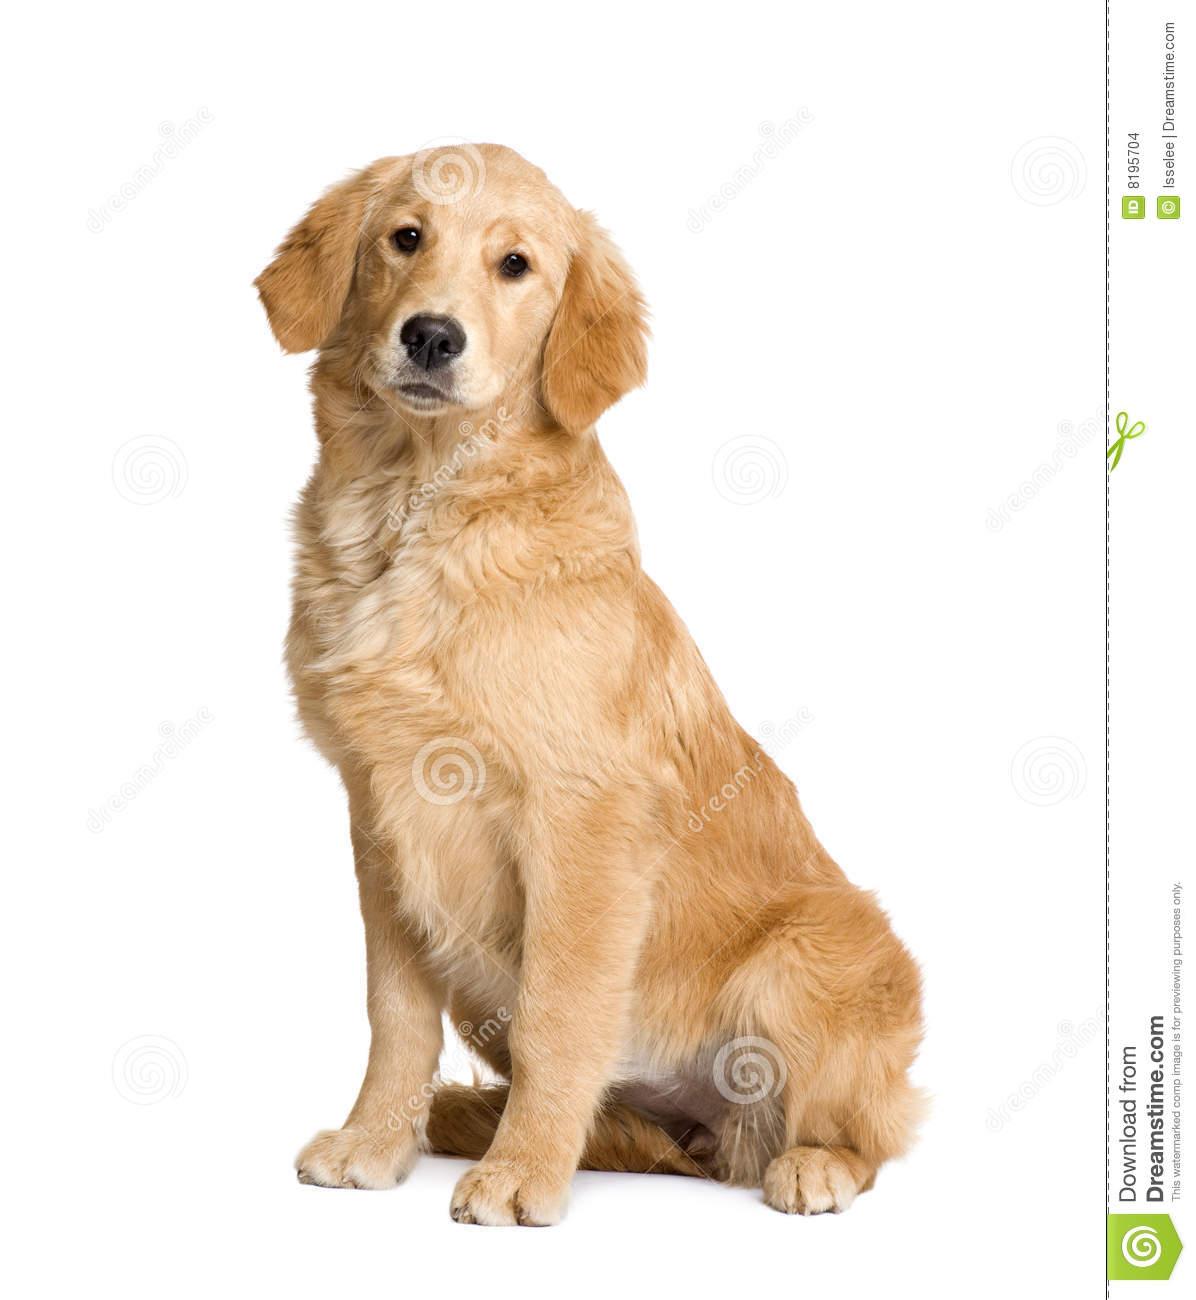 Golden retriever puppy clipart.